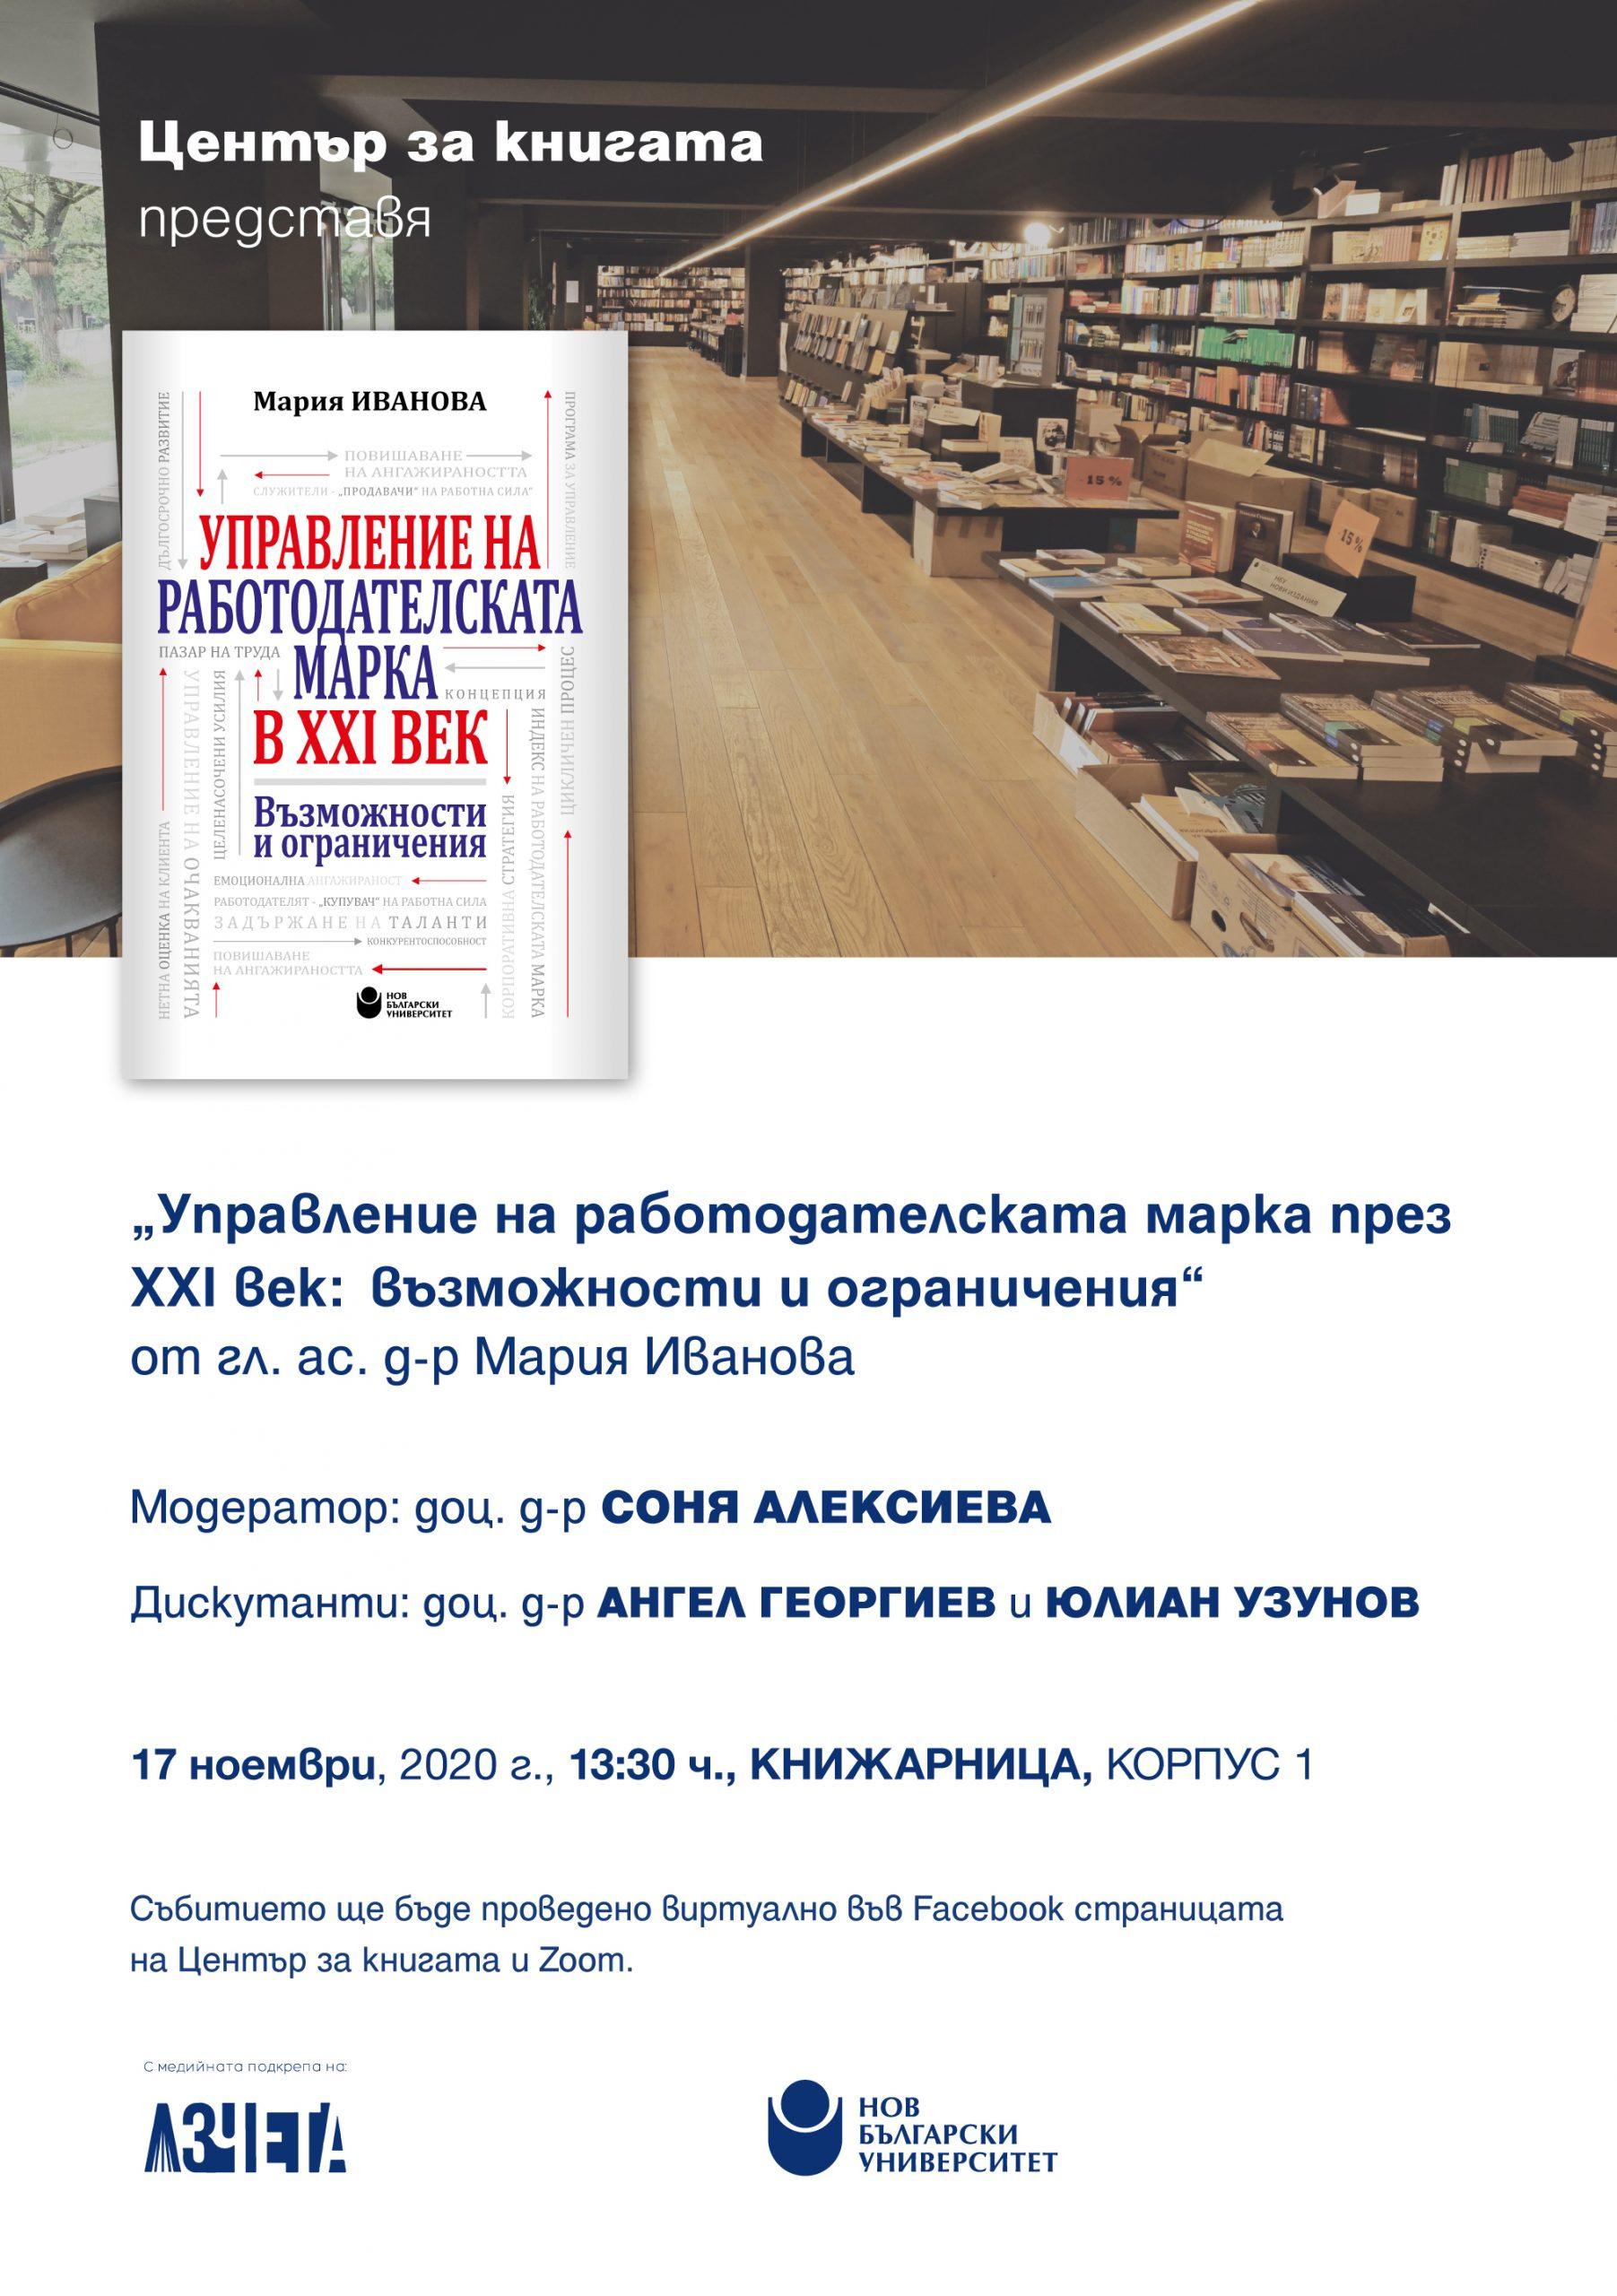 """Виртуално представяне на """"Управление на работодателската марка през XXI век: възможности и ограничения"""""""